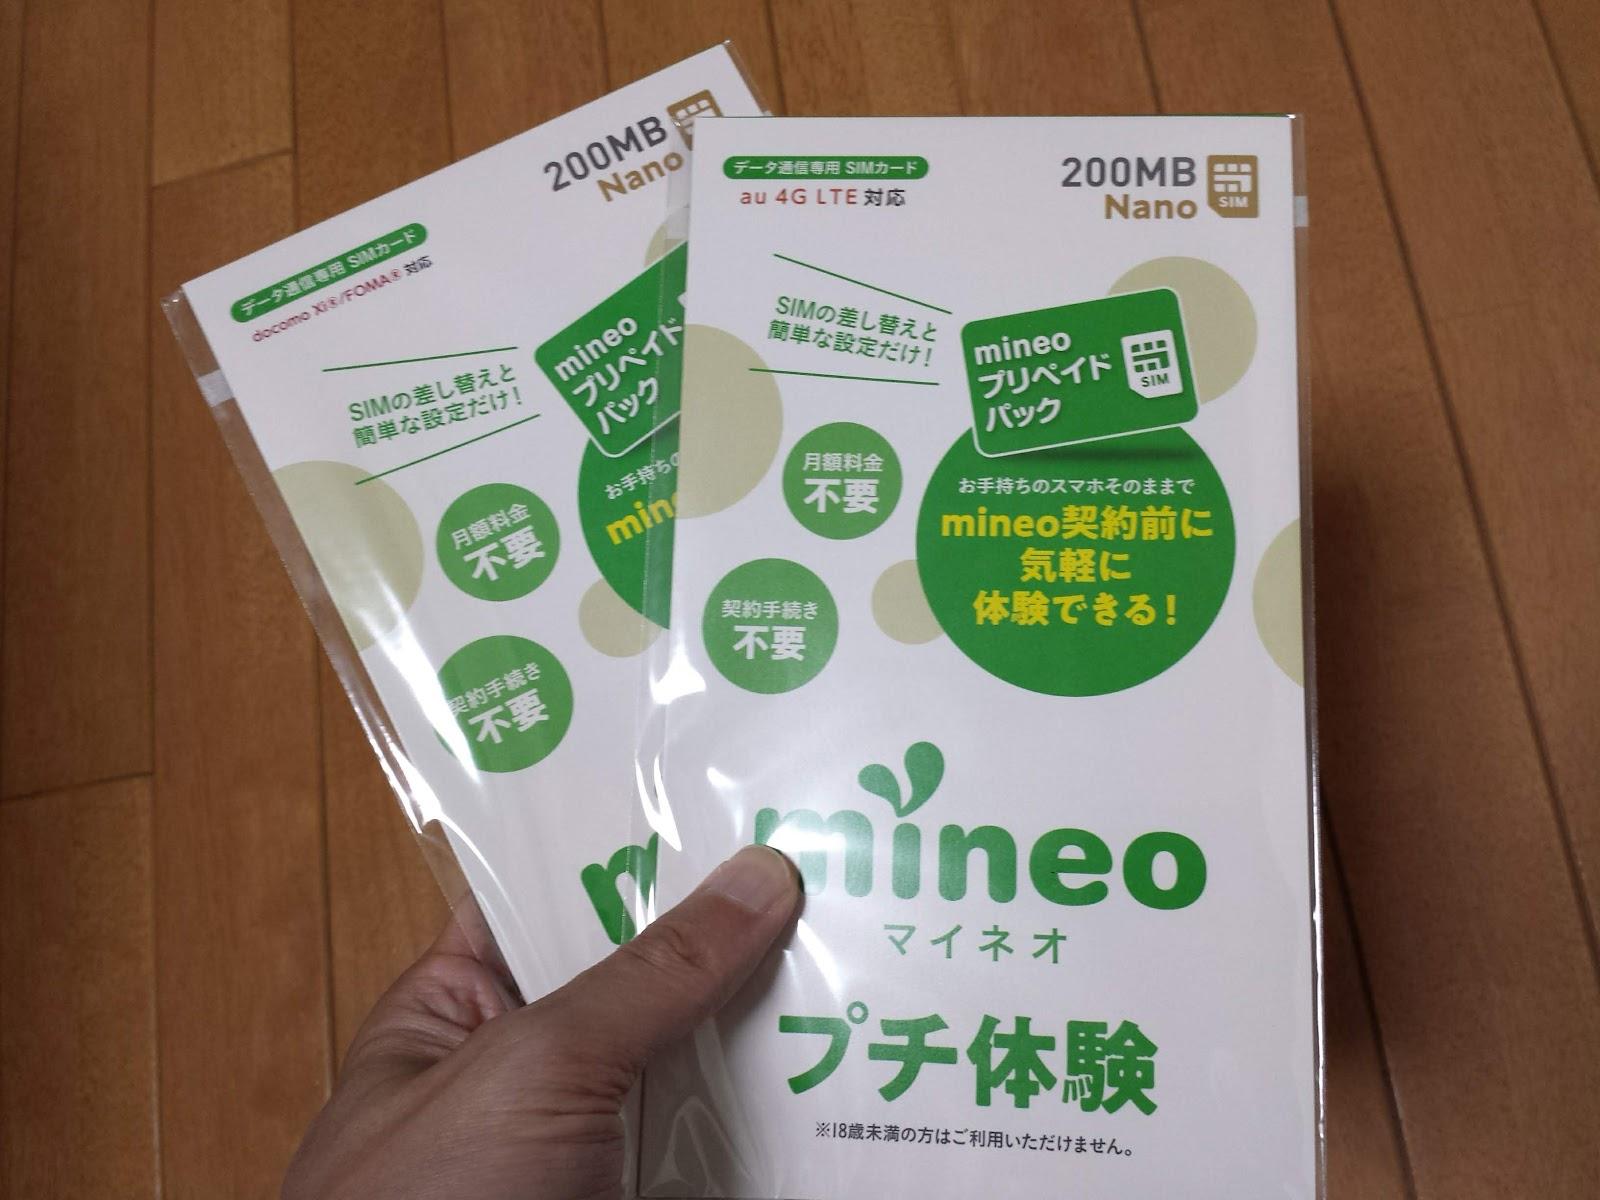 mineoプチ体験プリペイドSIMを購入しました